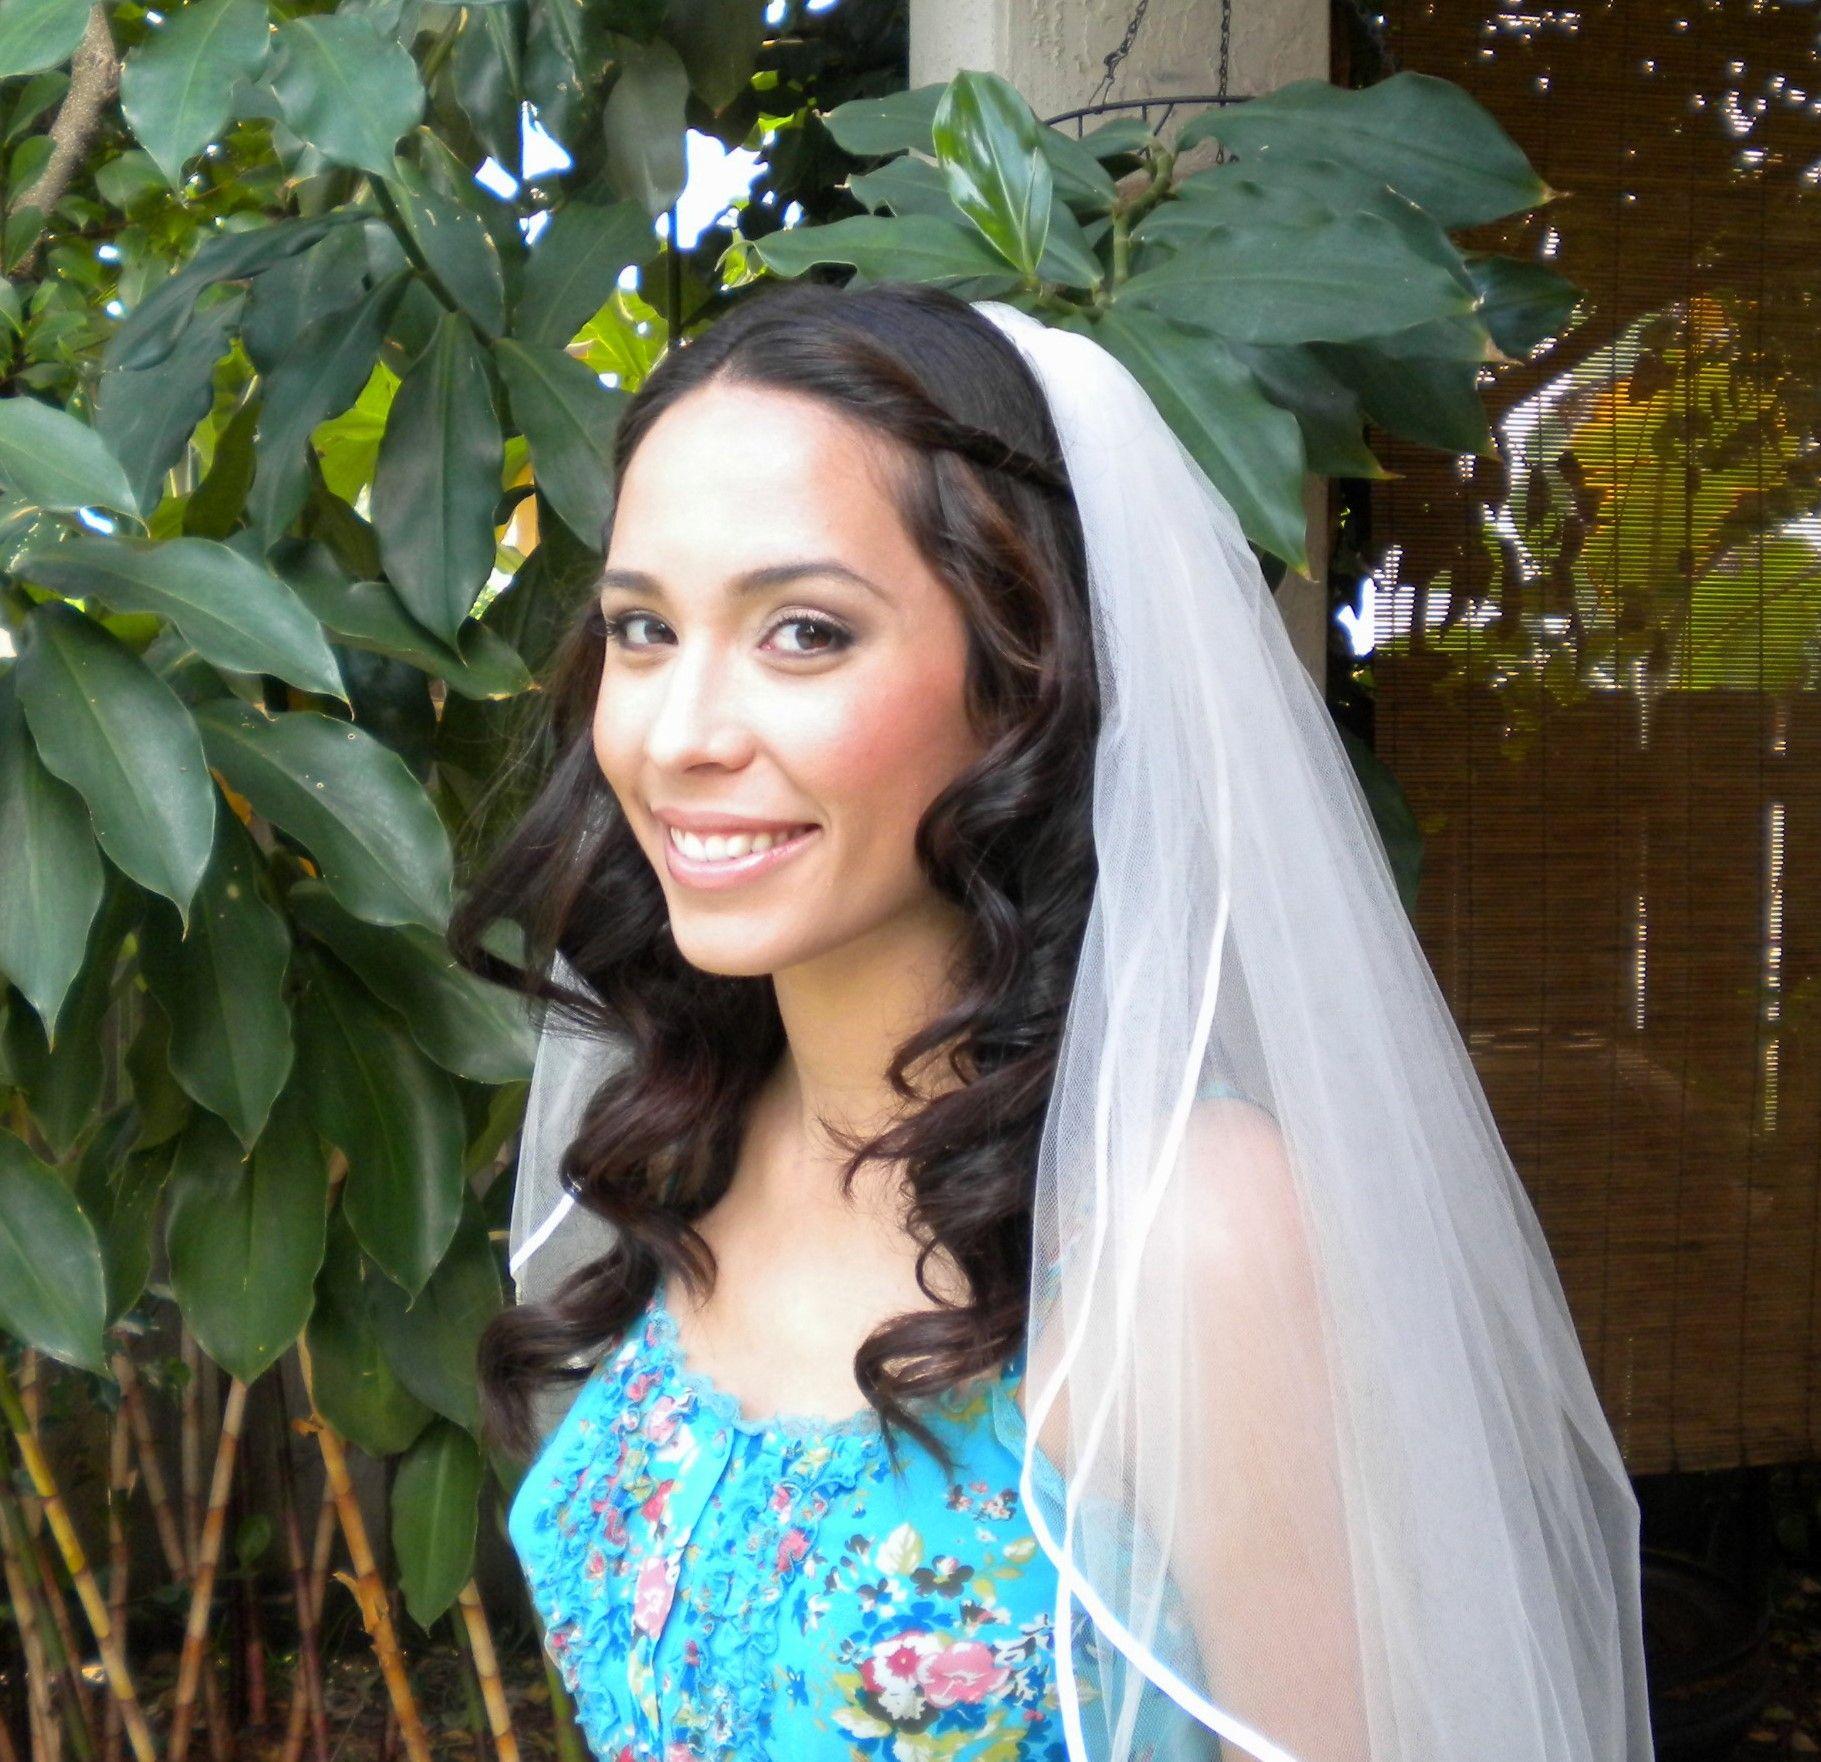 #maquillaje #aerografico y #peinado para #novia #behindthescenes #bridal #detrasdecamaras #novias #lima #peru #naturalbride